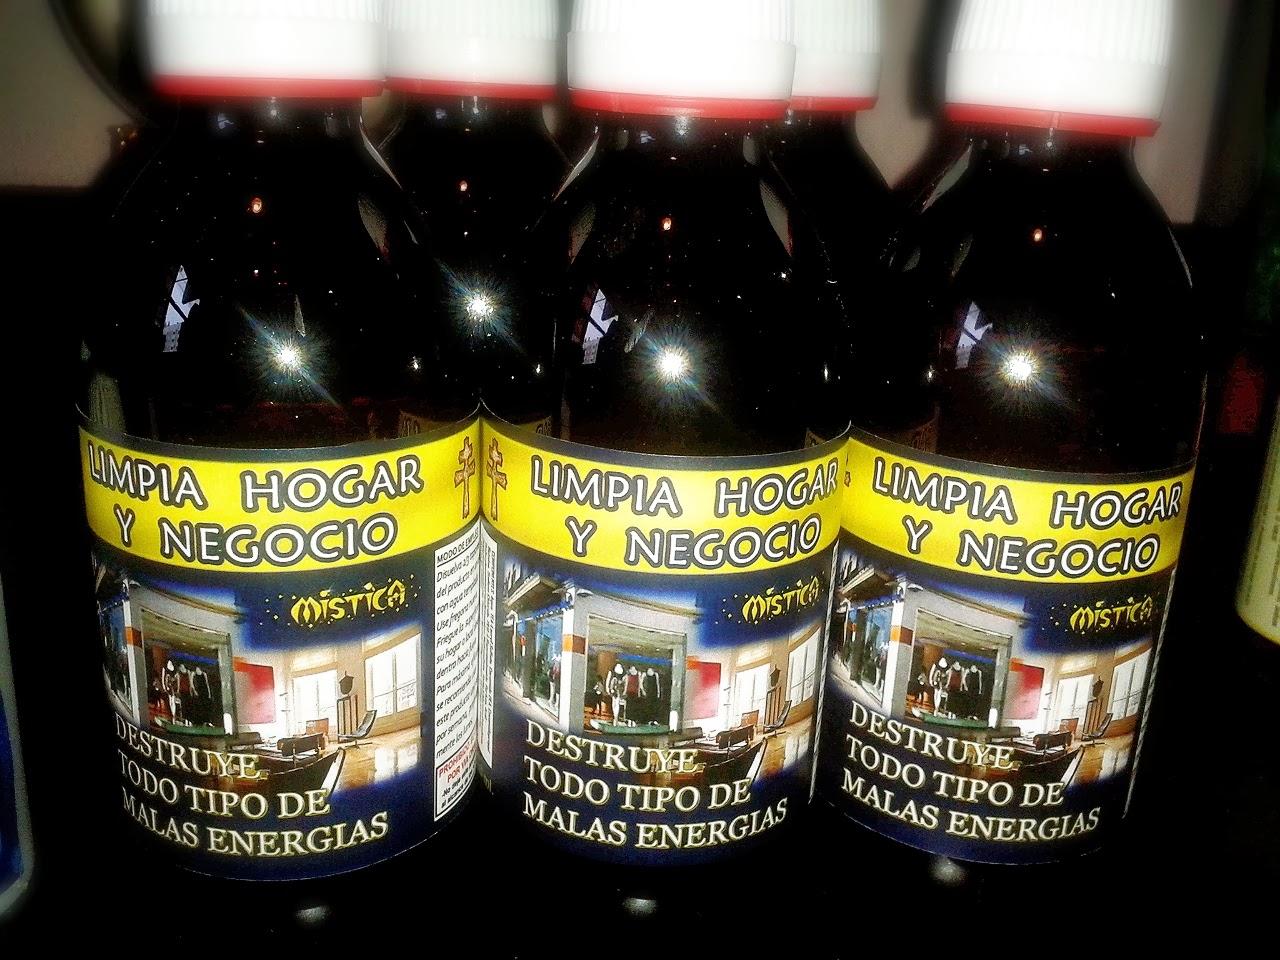 M stica productos - Limpieza de malas energias ...